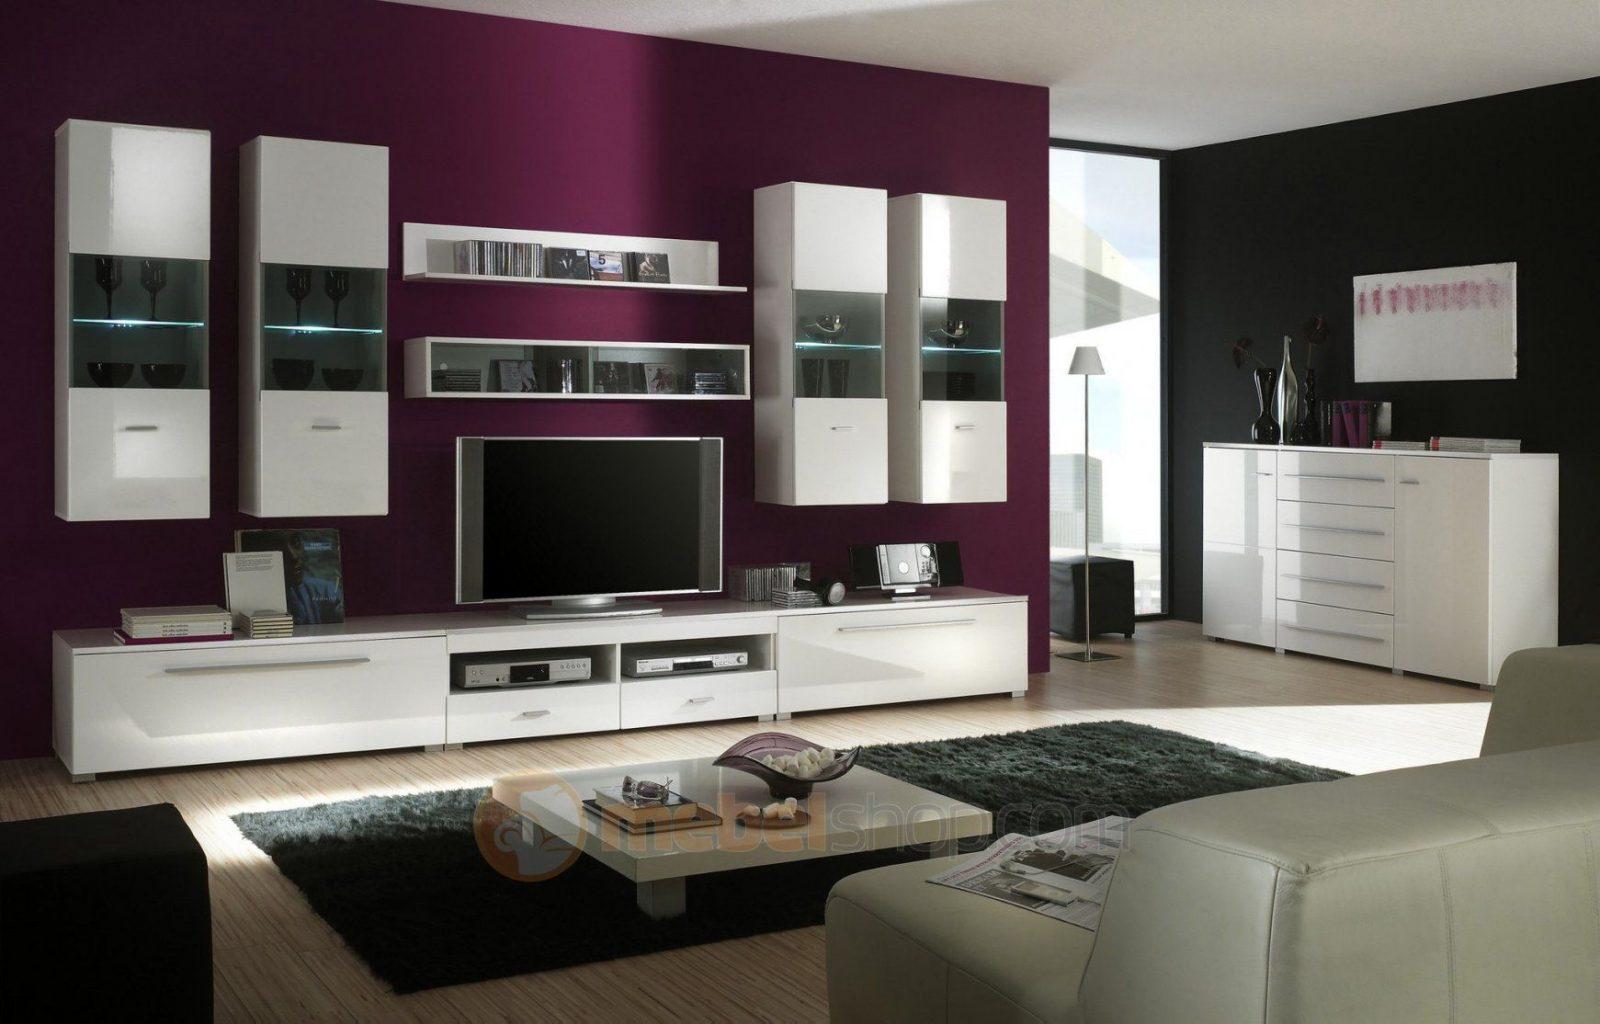 Wohnzimmer Farblich Gestalten Grau  Linkdominators von Wohnzimmer Wände Farblich Gestalten Bild